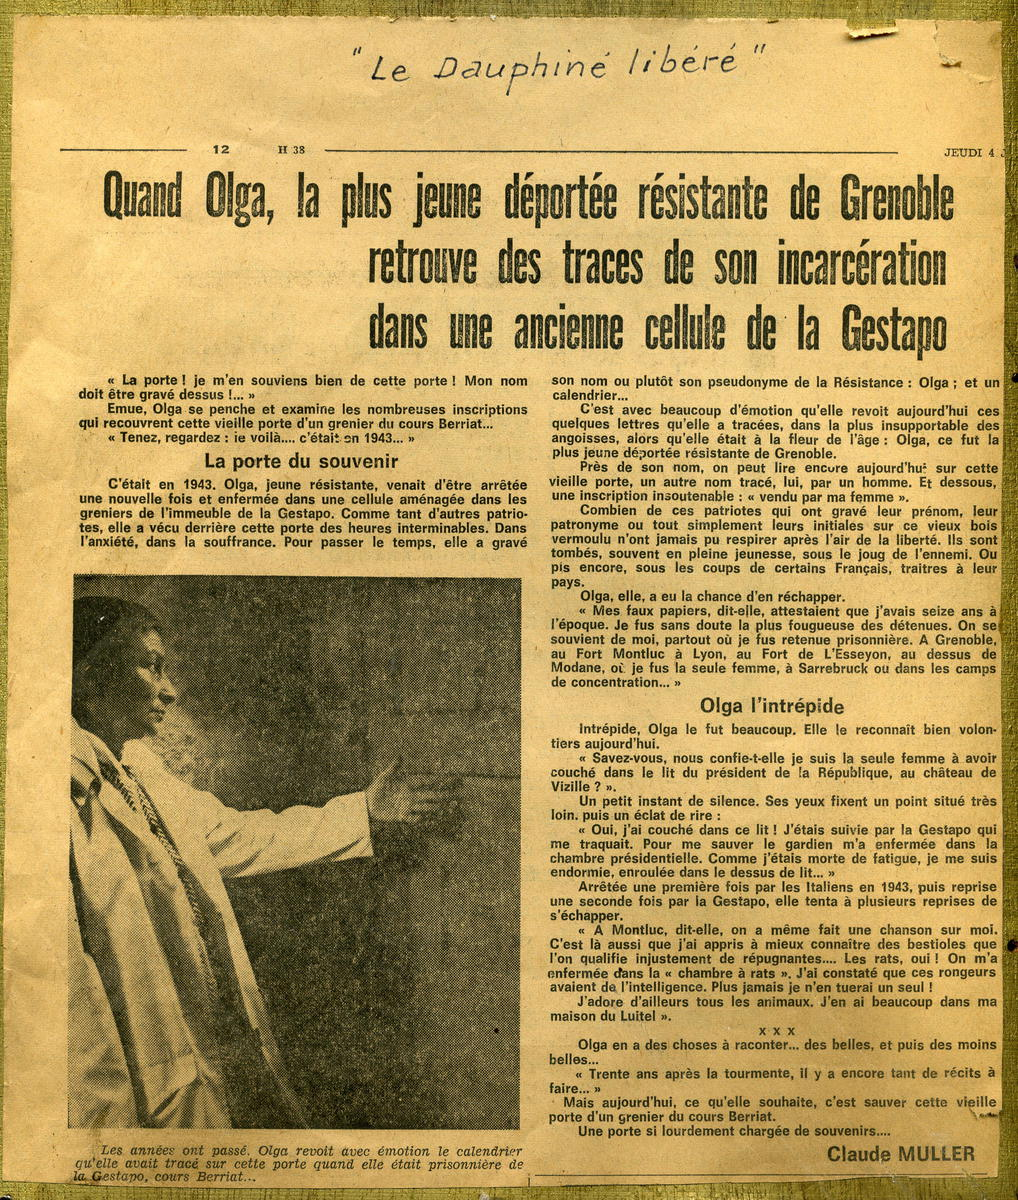 Quand Olga, la plus jeune déportée résistante de Grenoble retrouve des traces de son incarcération dans une ancienne cellule de la Gestapo. Périodique 4 juillet 1974